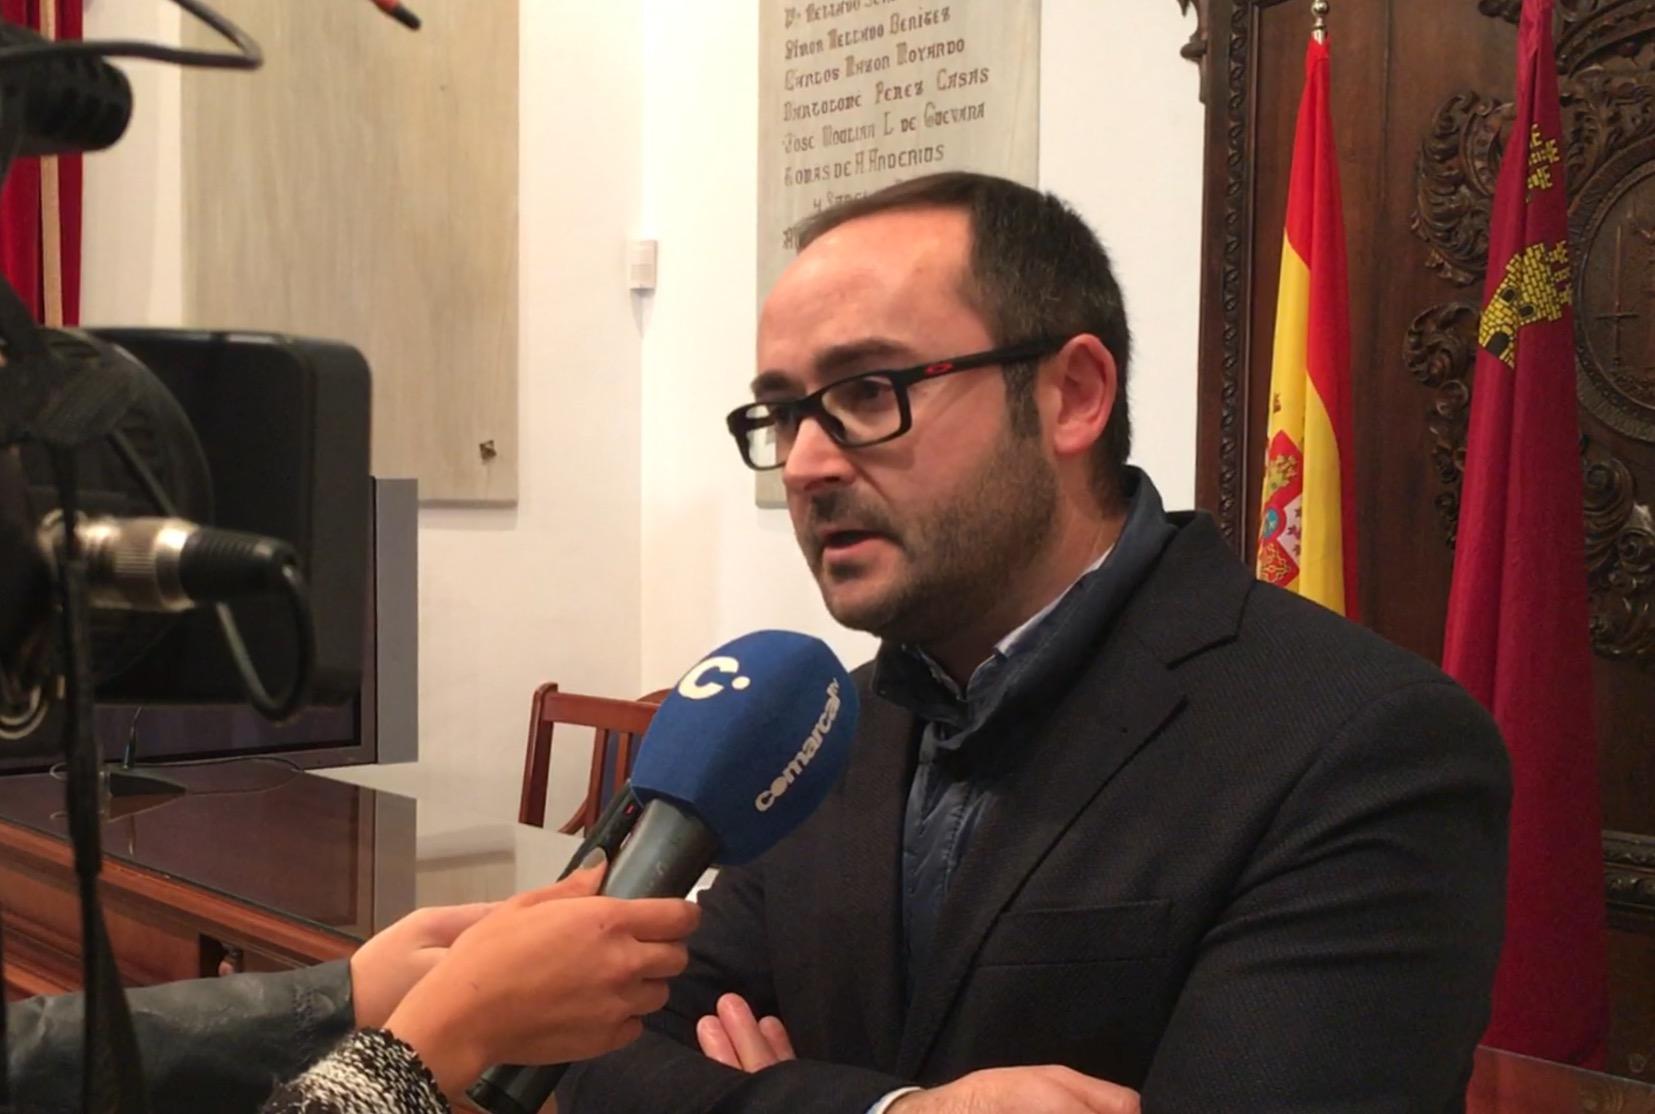 El PSOE solicita un plan de revitalización del sector comercial de Lorca con ayudas directas para proteger a los comercios afectados por las obras